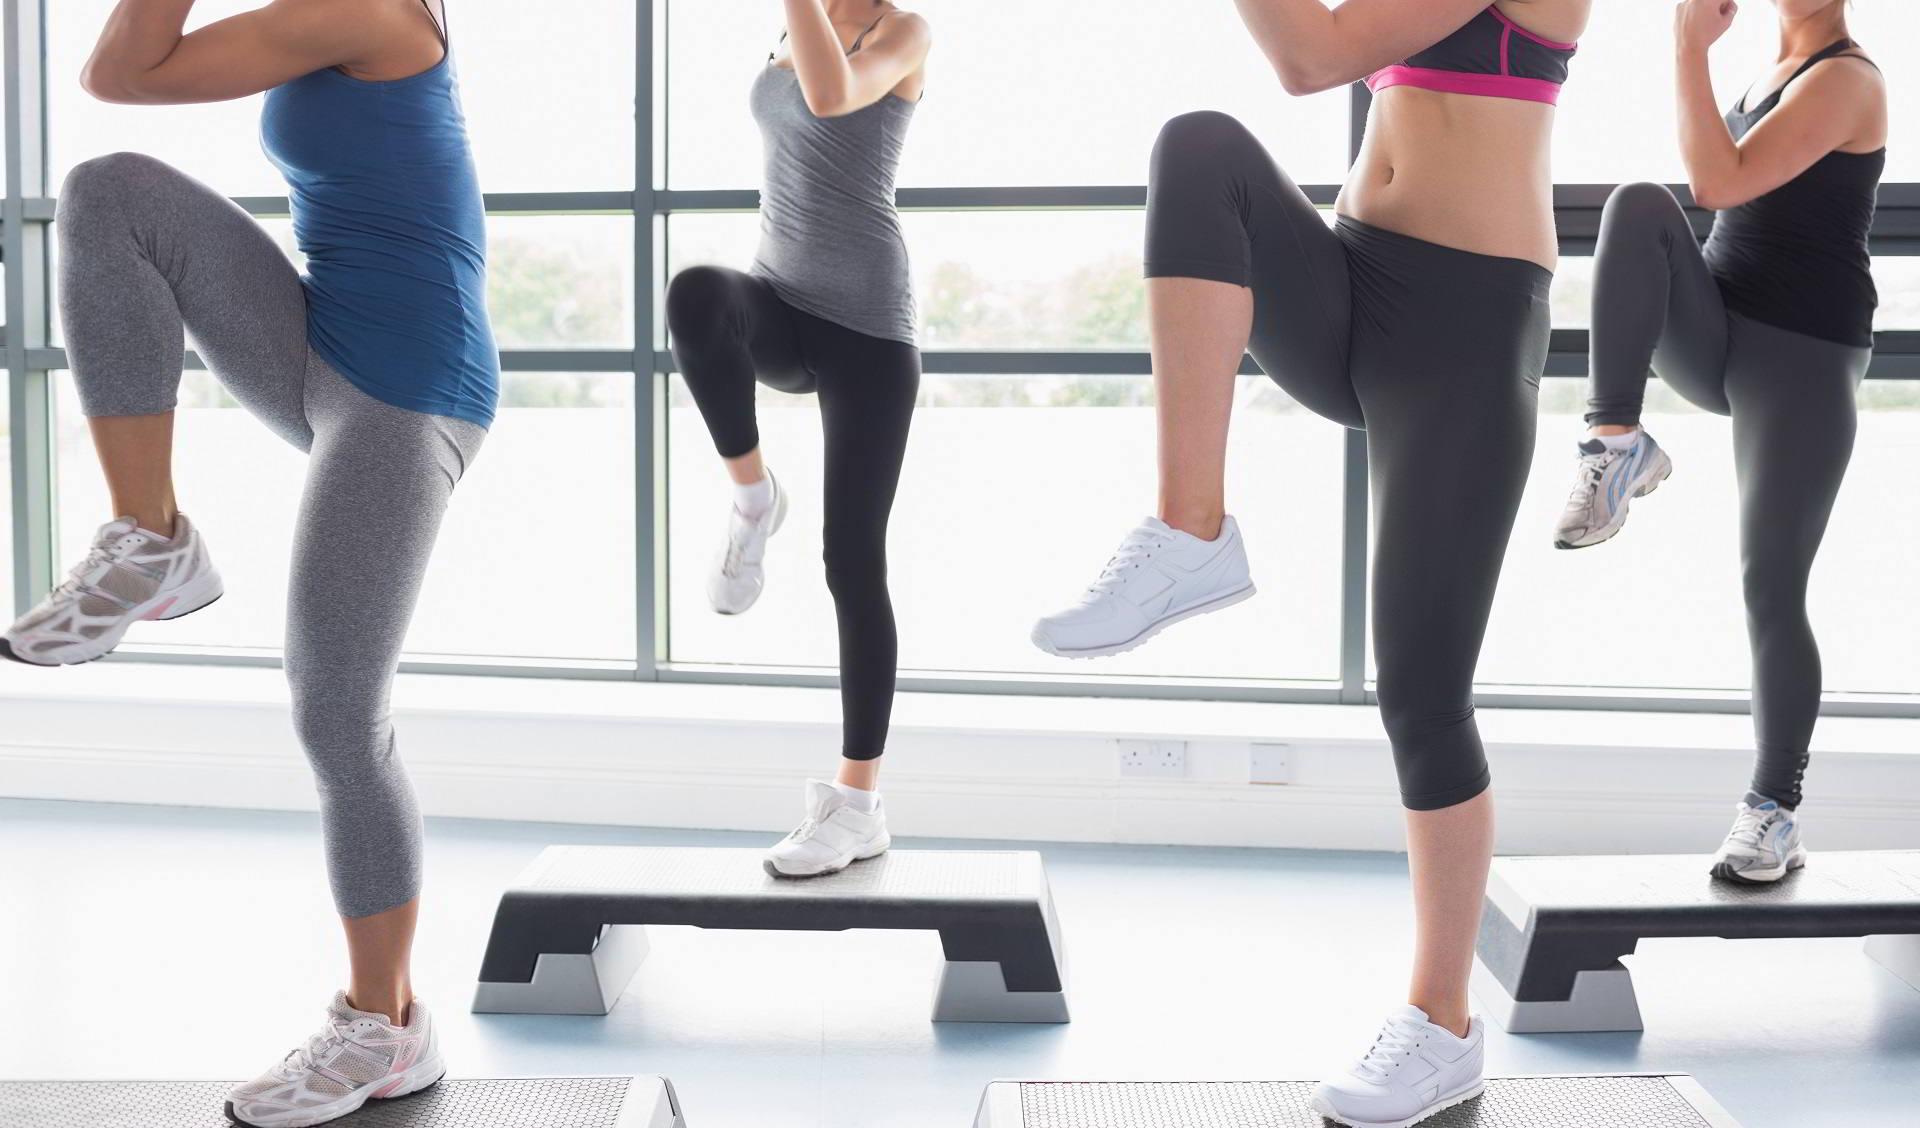 Mujeres subiendo un paso y leventando las piernas como parte de un ejercicio